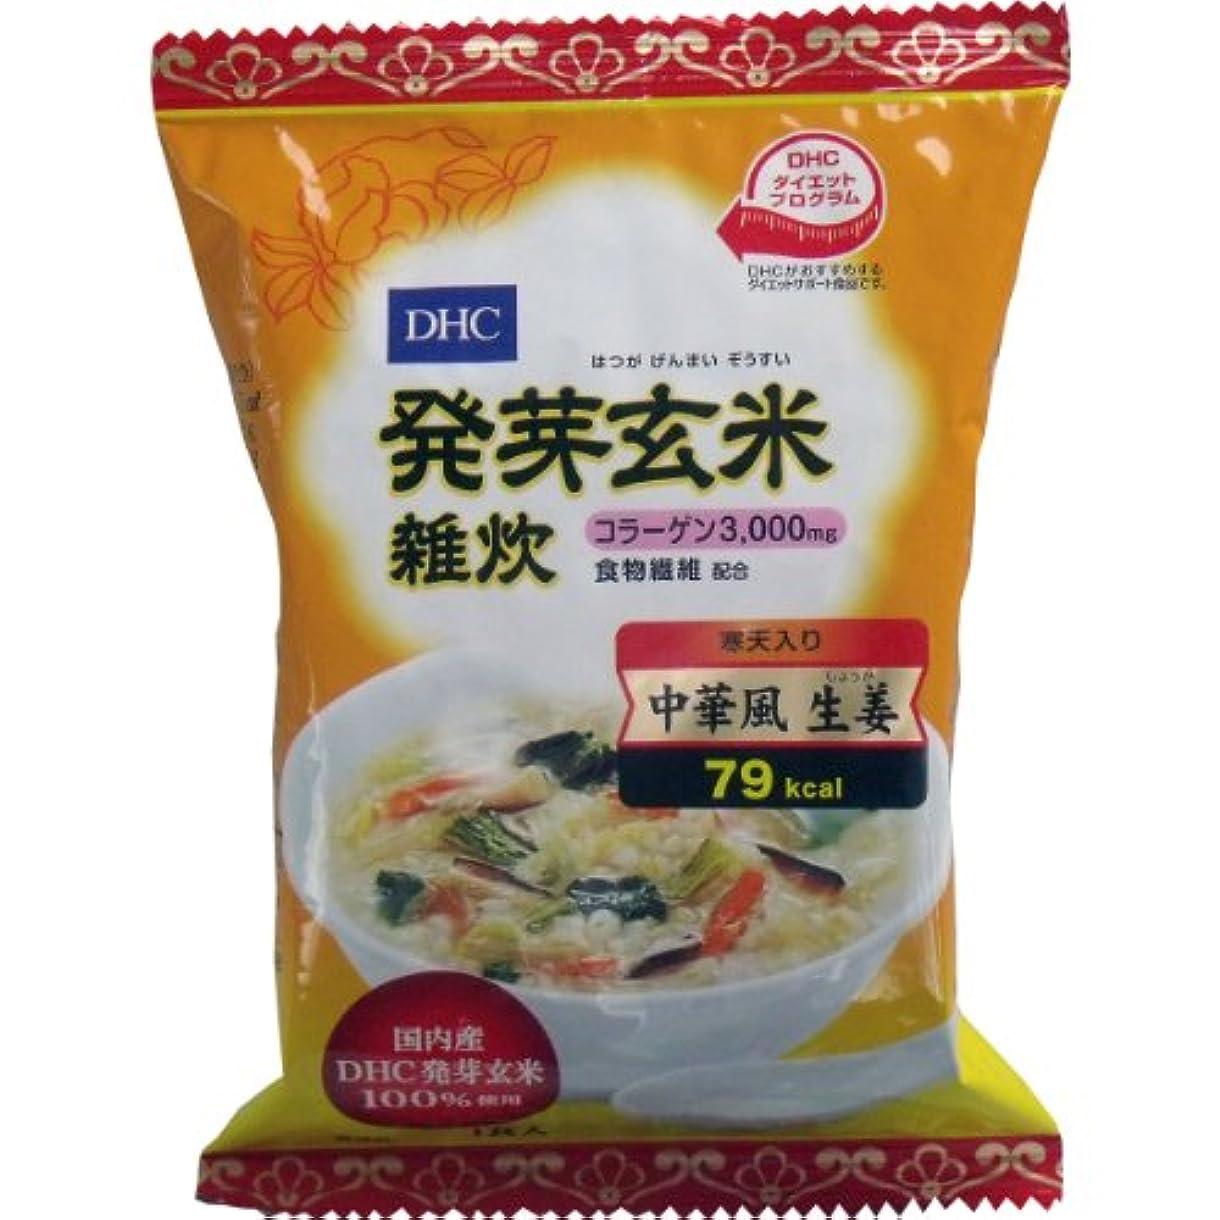 単独で不振アナロジーDHC 発芽玄米雑炊〈コラーゲン?寒天入〉 中華風生姜 1食入